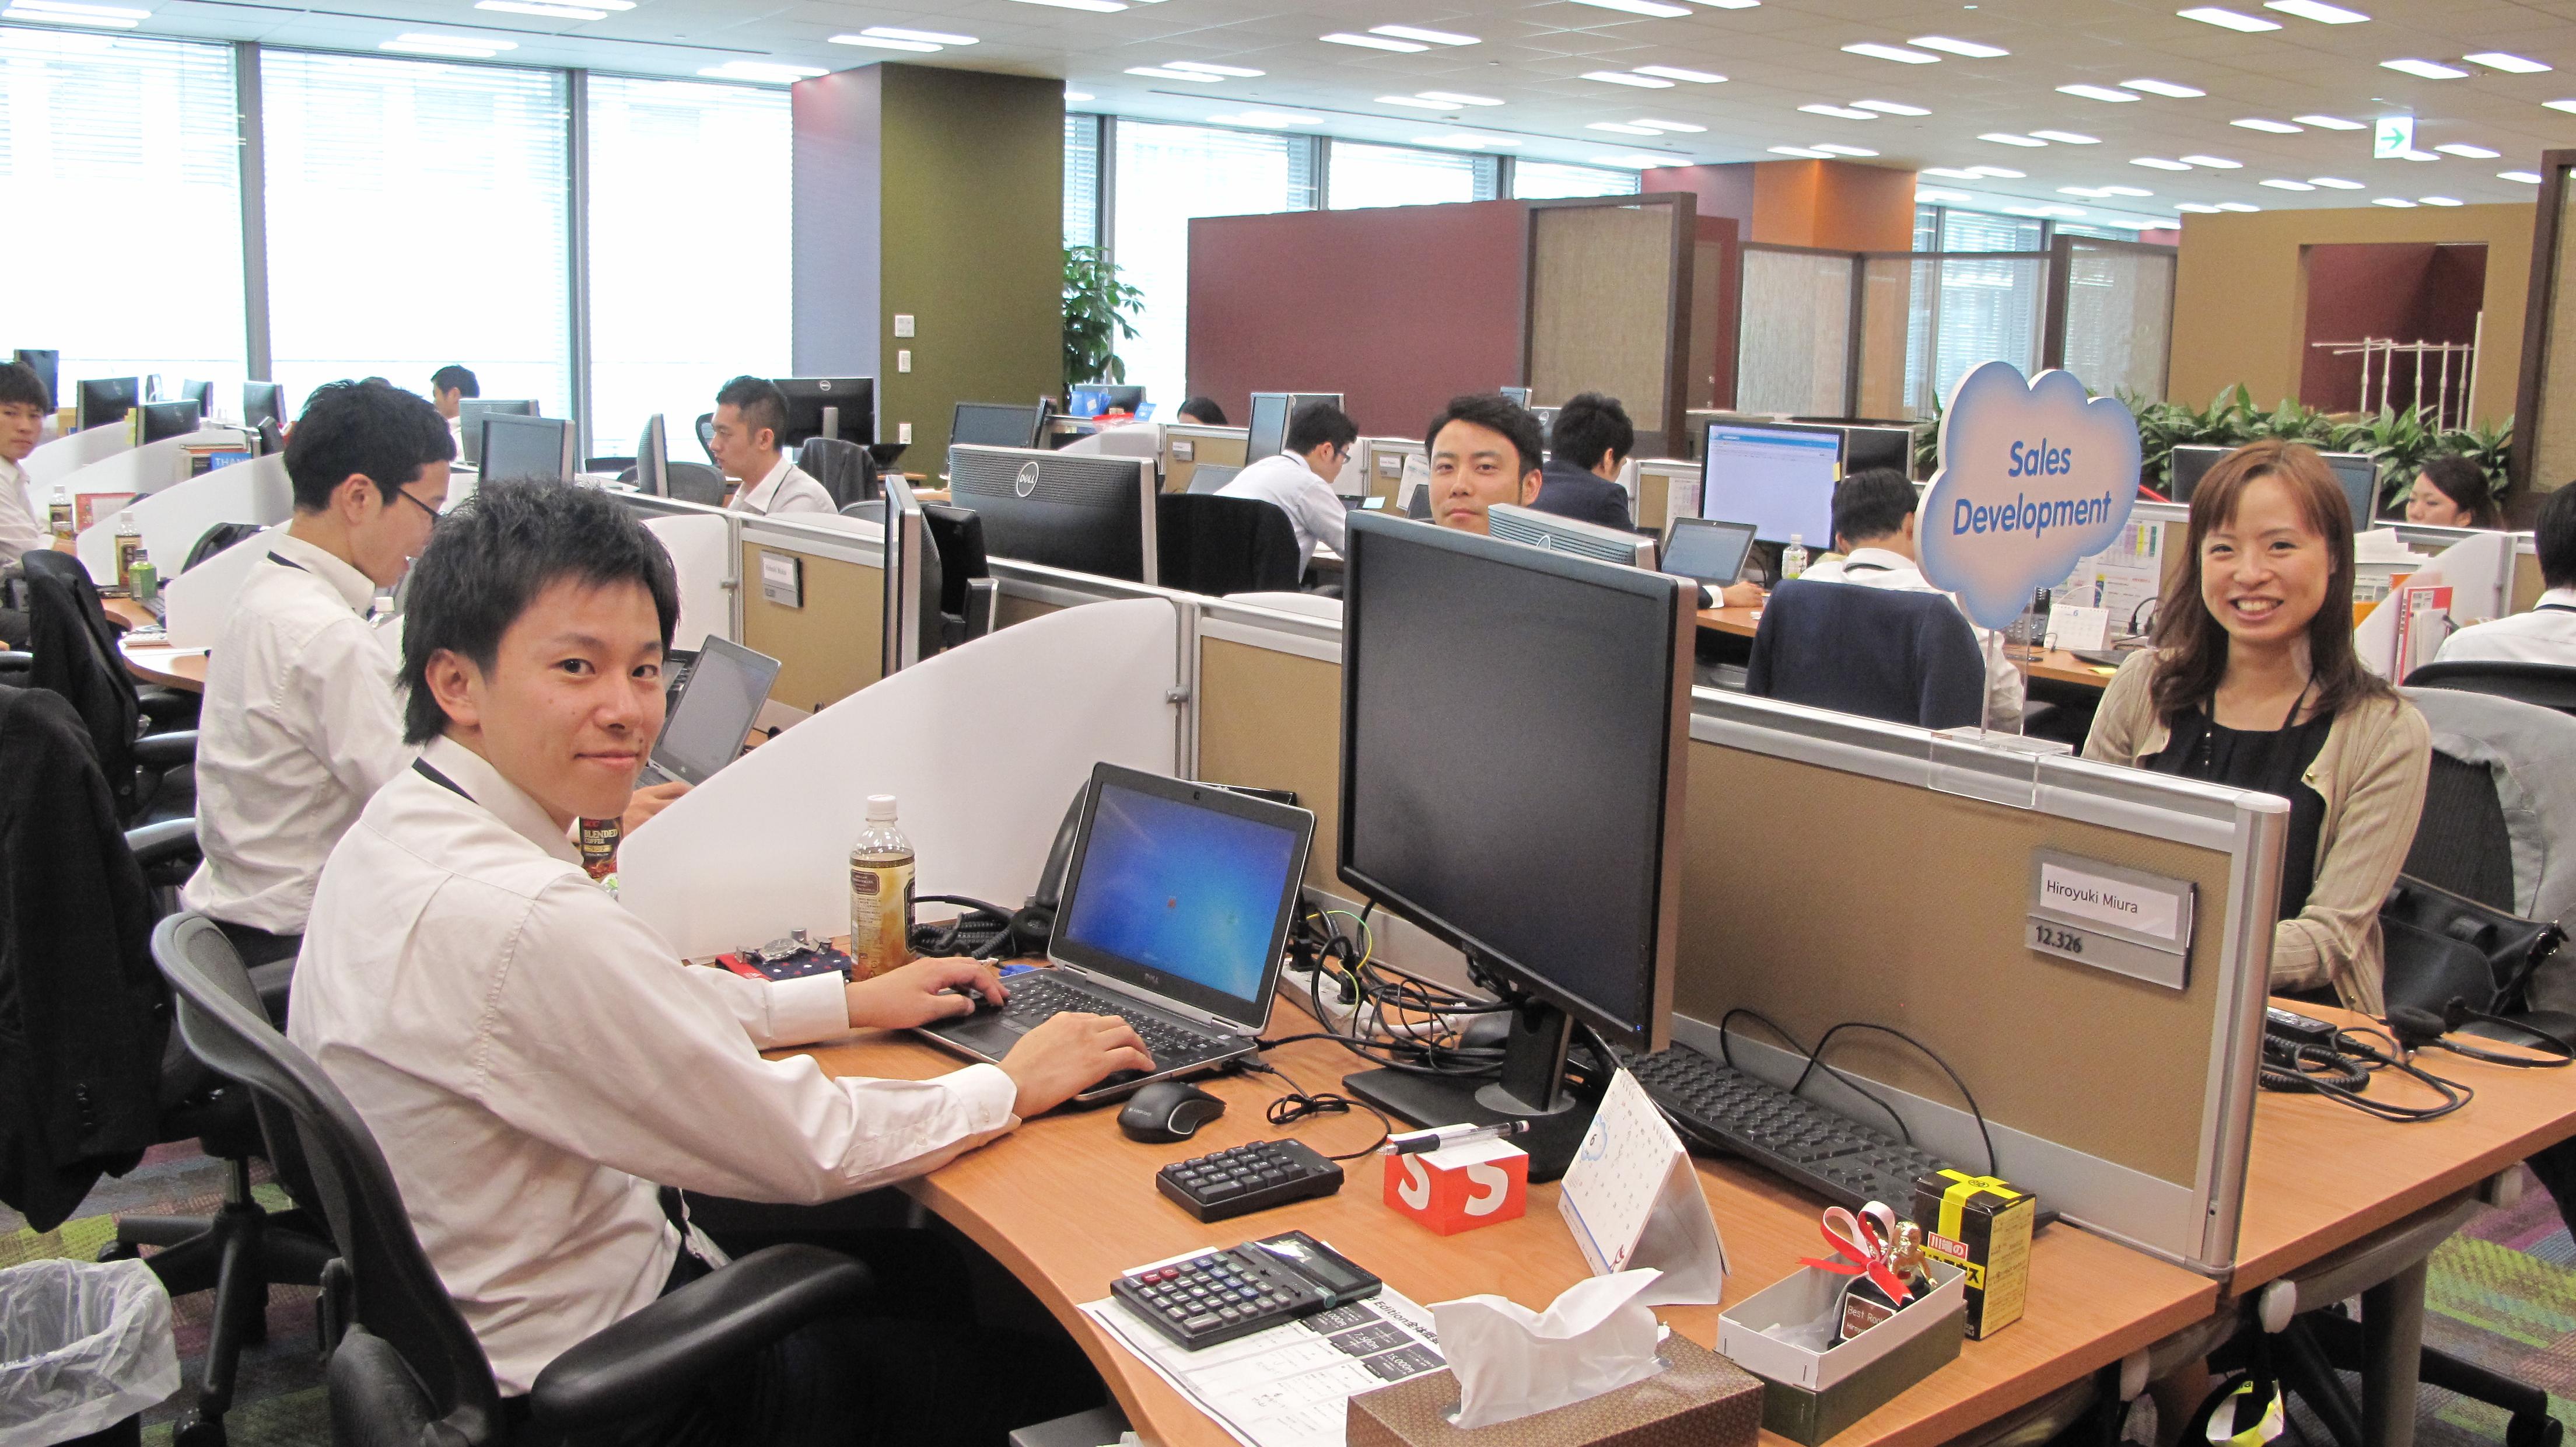 【参加者募集】セールスフォースドットコムの就労支援プログラム「BizAcademy」-IT業界への就労を目指す若者を募集します!